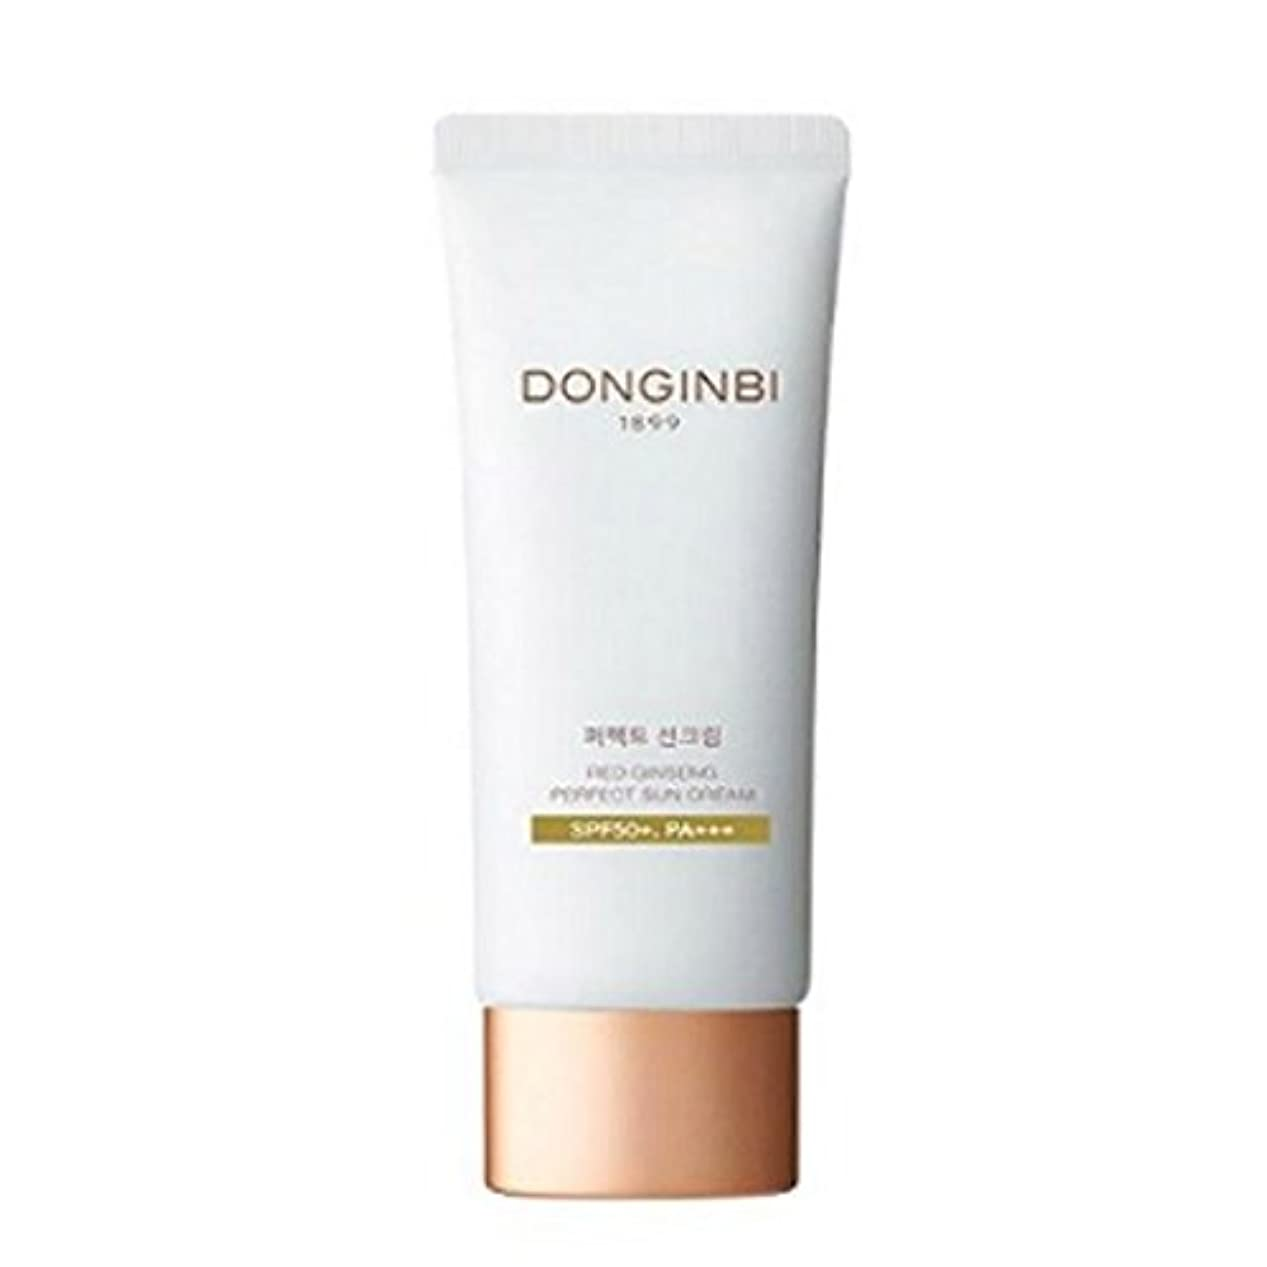 日食素晴らしきリテラシー[ドンインビ]DONGINBI ドンインビパーフェクトサンクリーム50ml 海外直送品 perfect suncream SPF50+ PA+++ 50ml [並行輸入品]